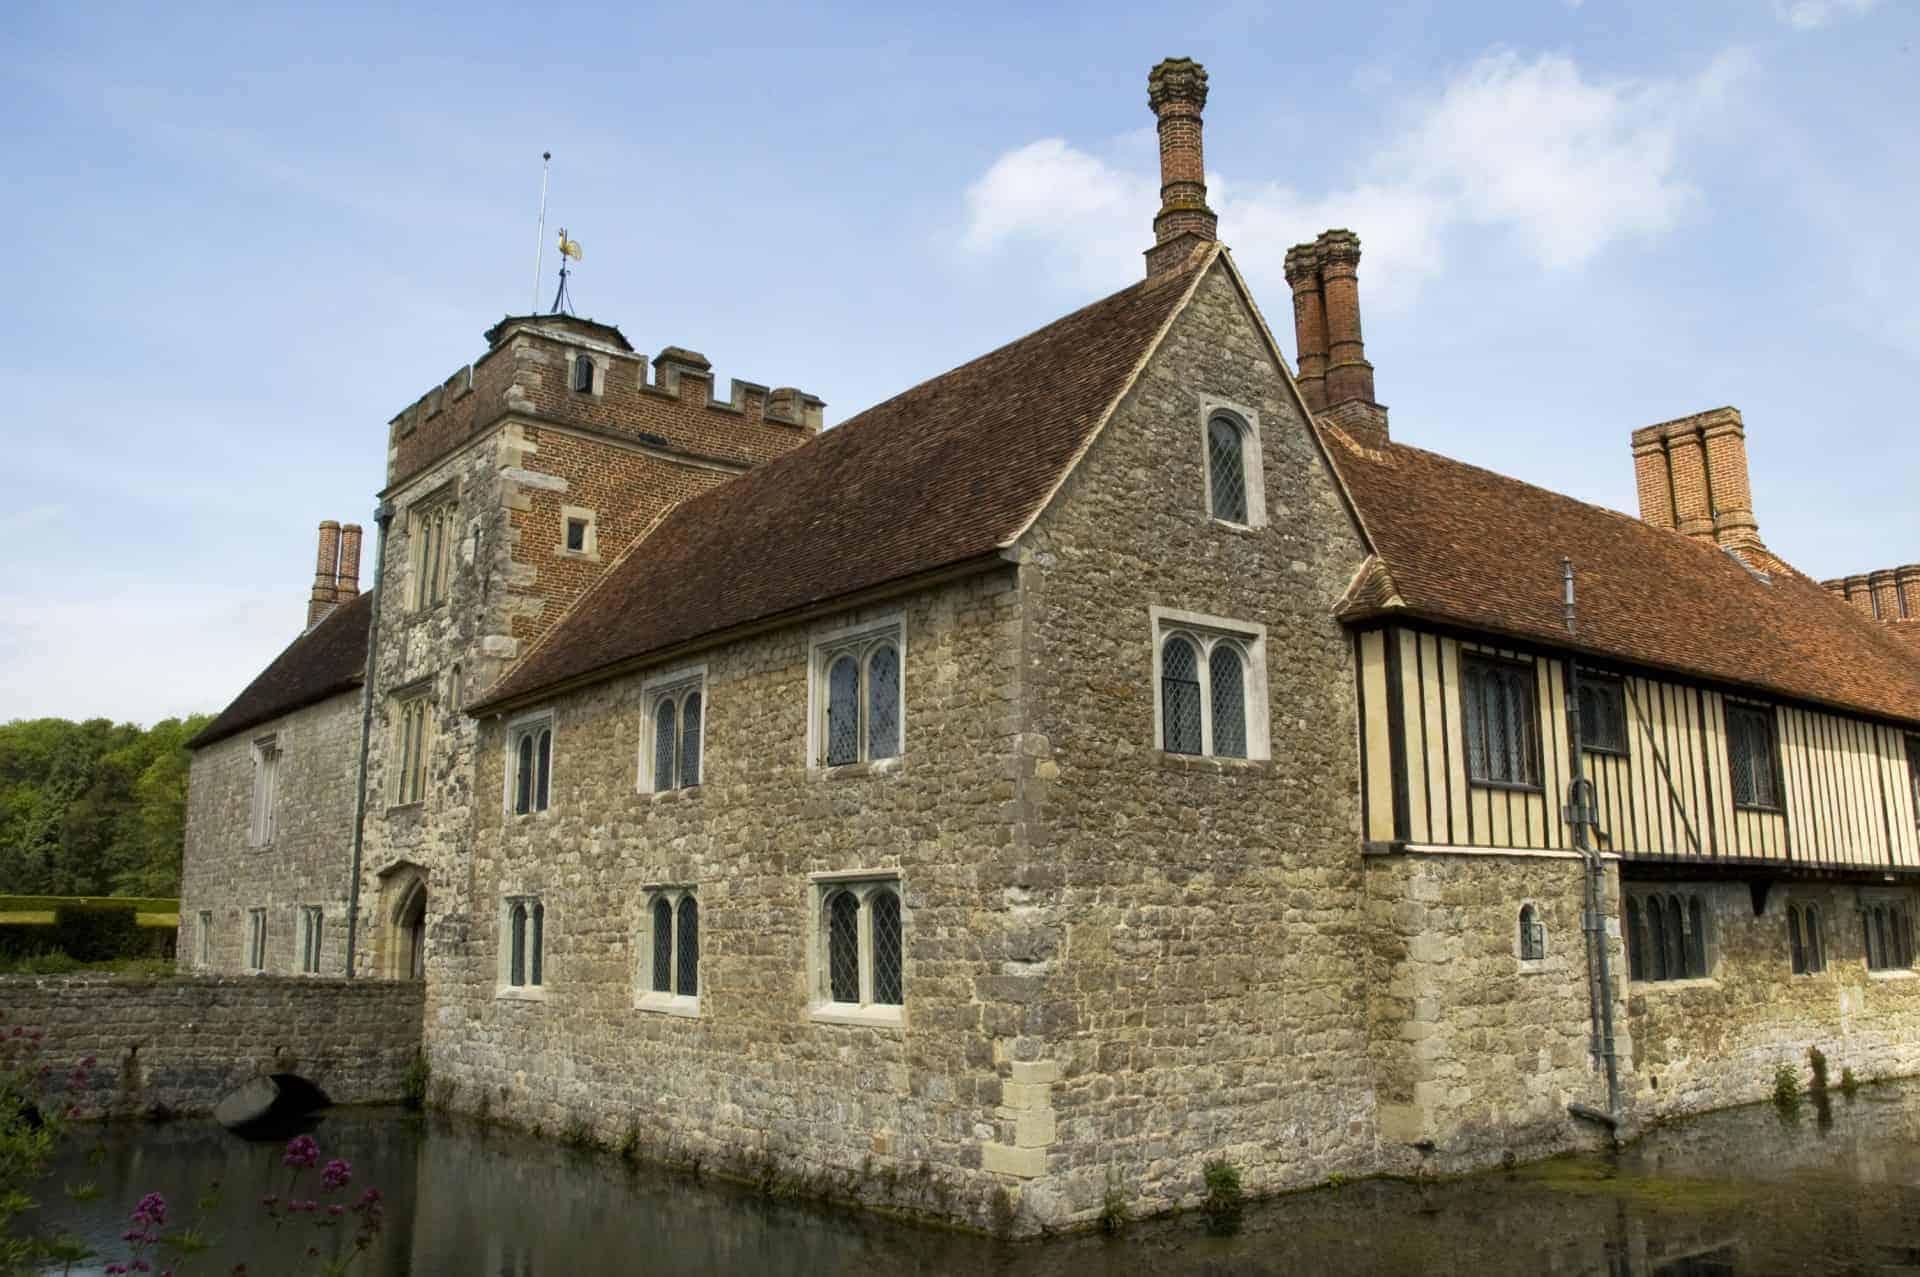 Ightham Mote, Kent, England